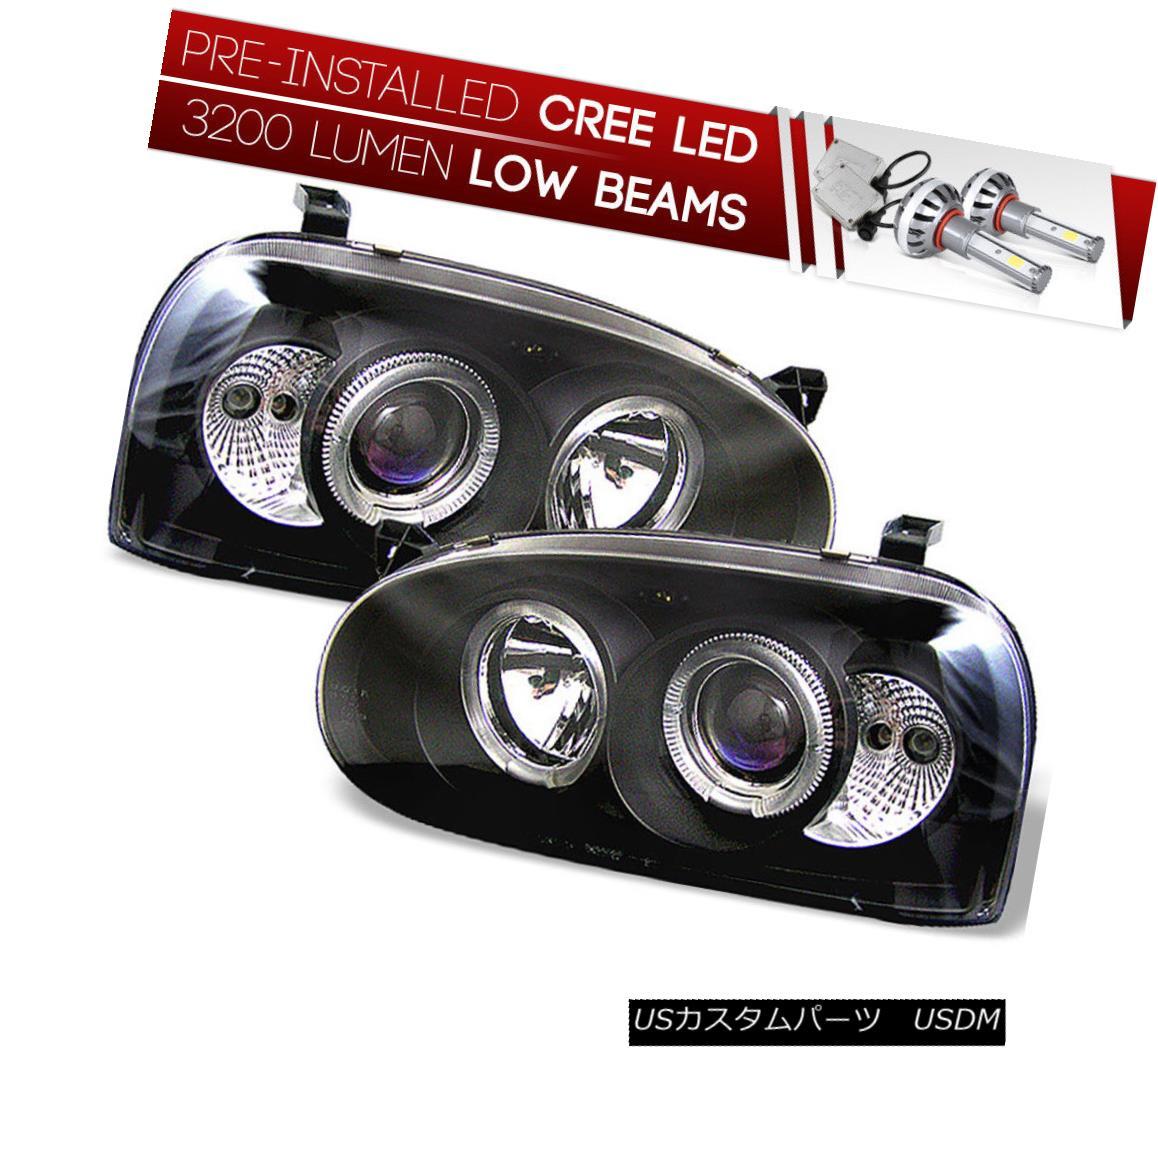 ヘッドライト [CREE LED Bulb Installed]93-98 Golf MK3 Black Dual Halo Projector Headlight Lamp [CREE LED Bulb Installed] 93-9  8ゴルフMK3ブラックデュアルハロープロジェクターヘッドライトランプ